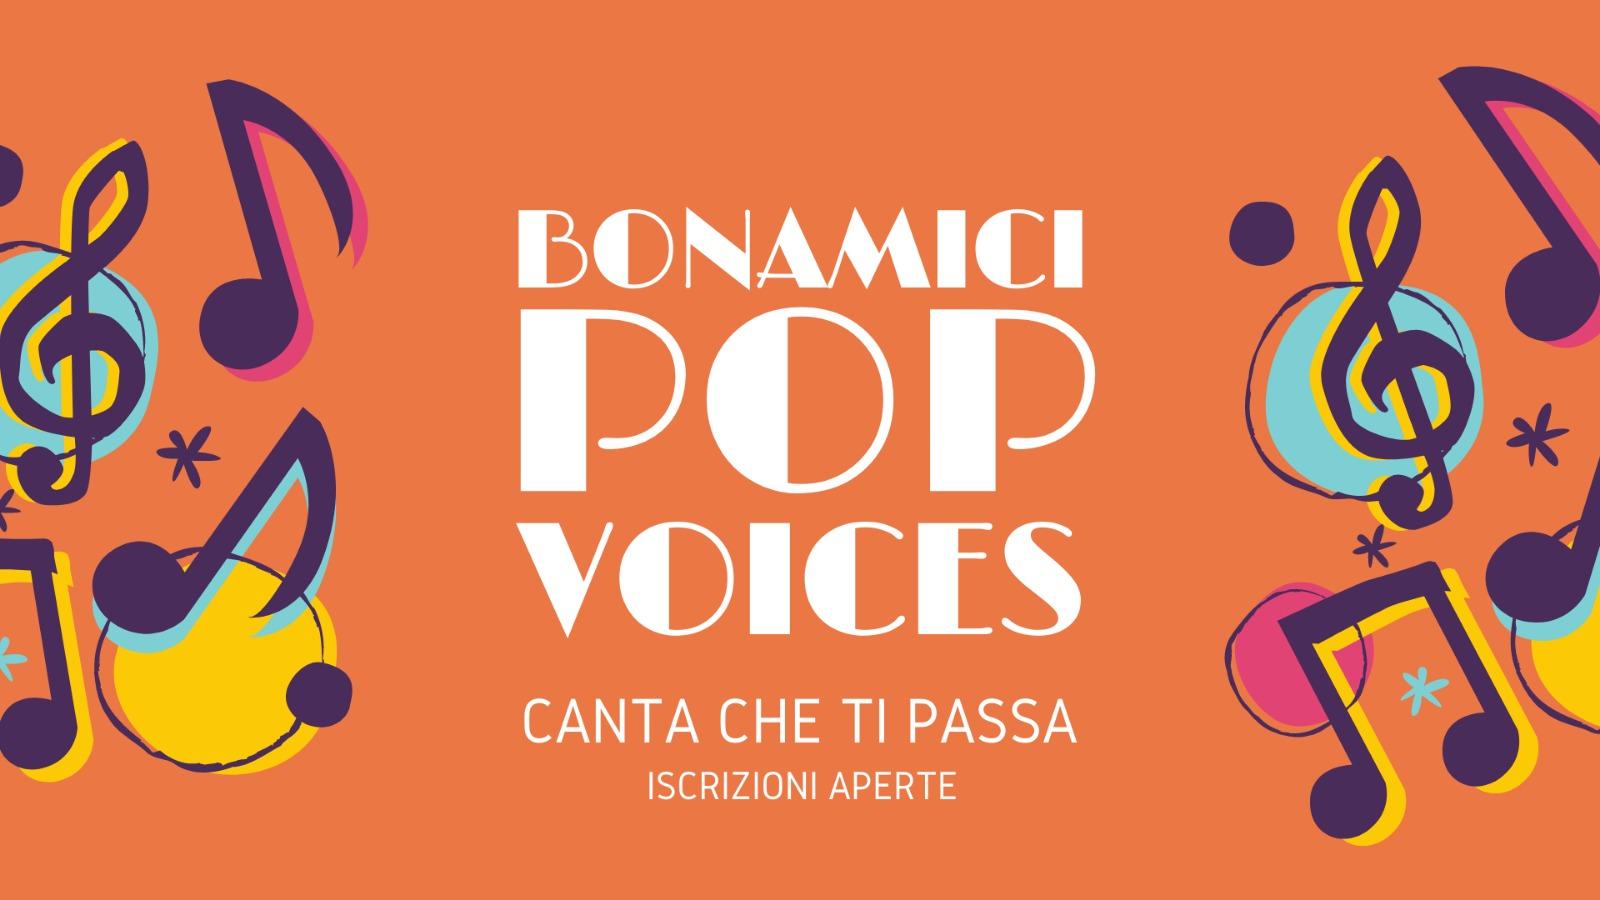 Bonamici Pop Voices